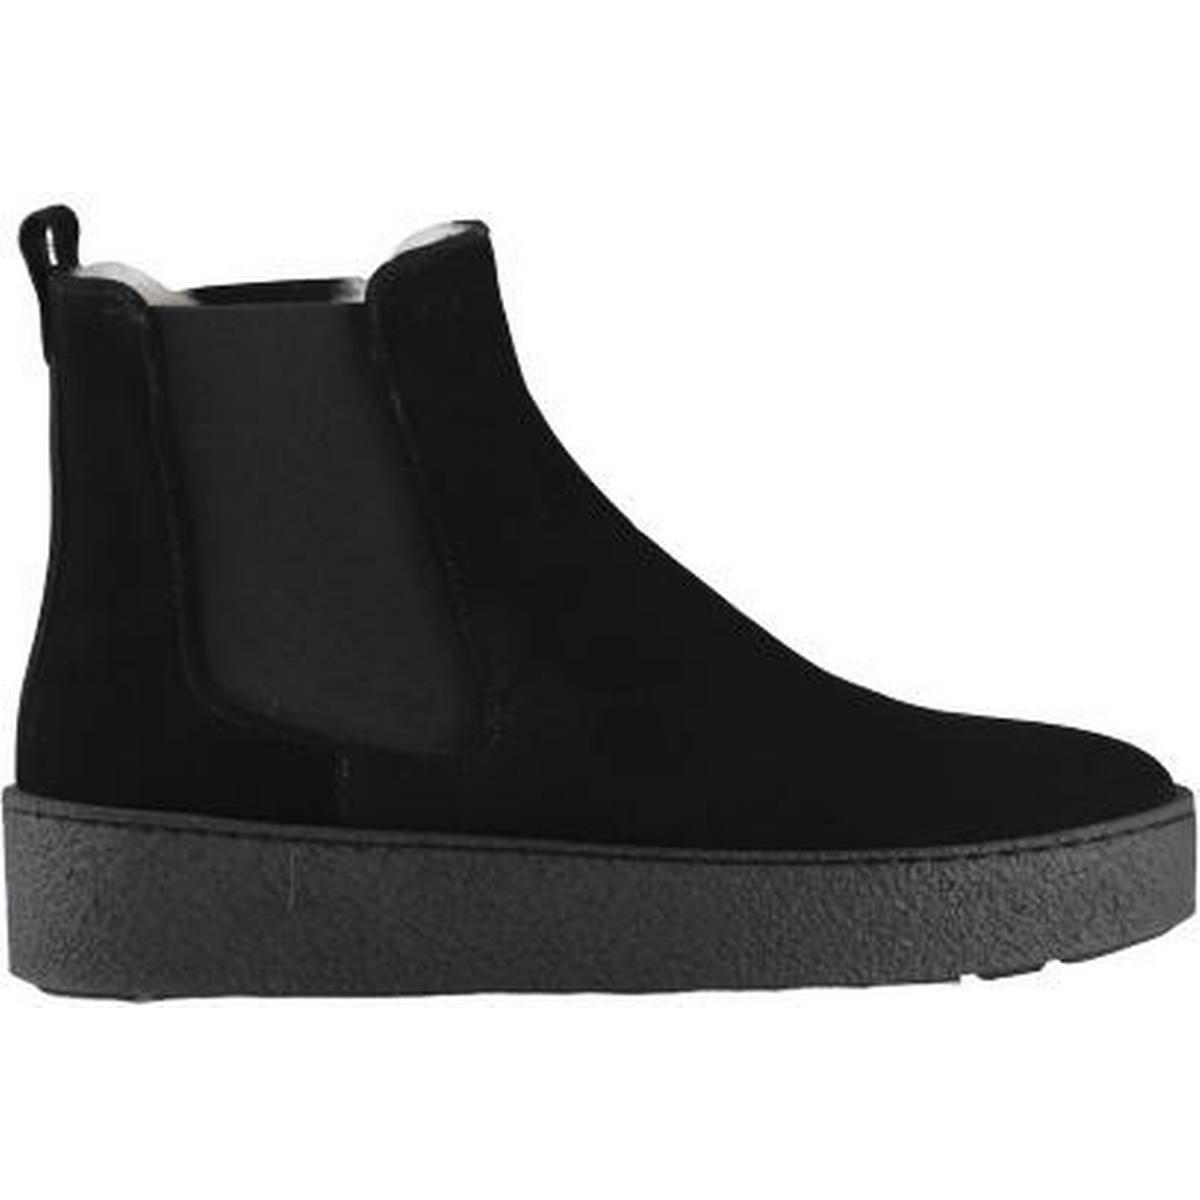 Warm lining 97952 | Støvler, Sko og Læder